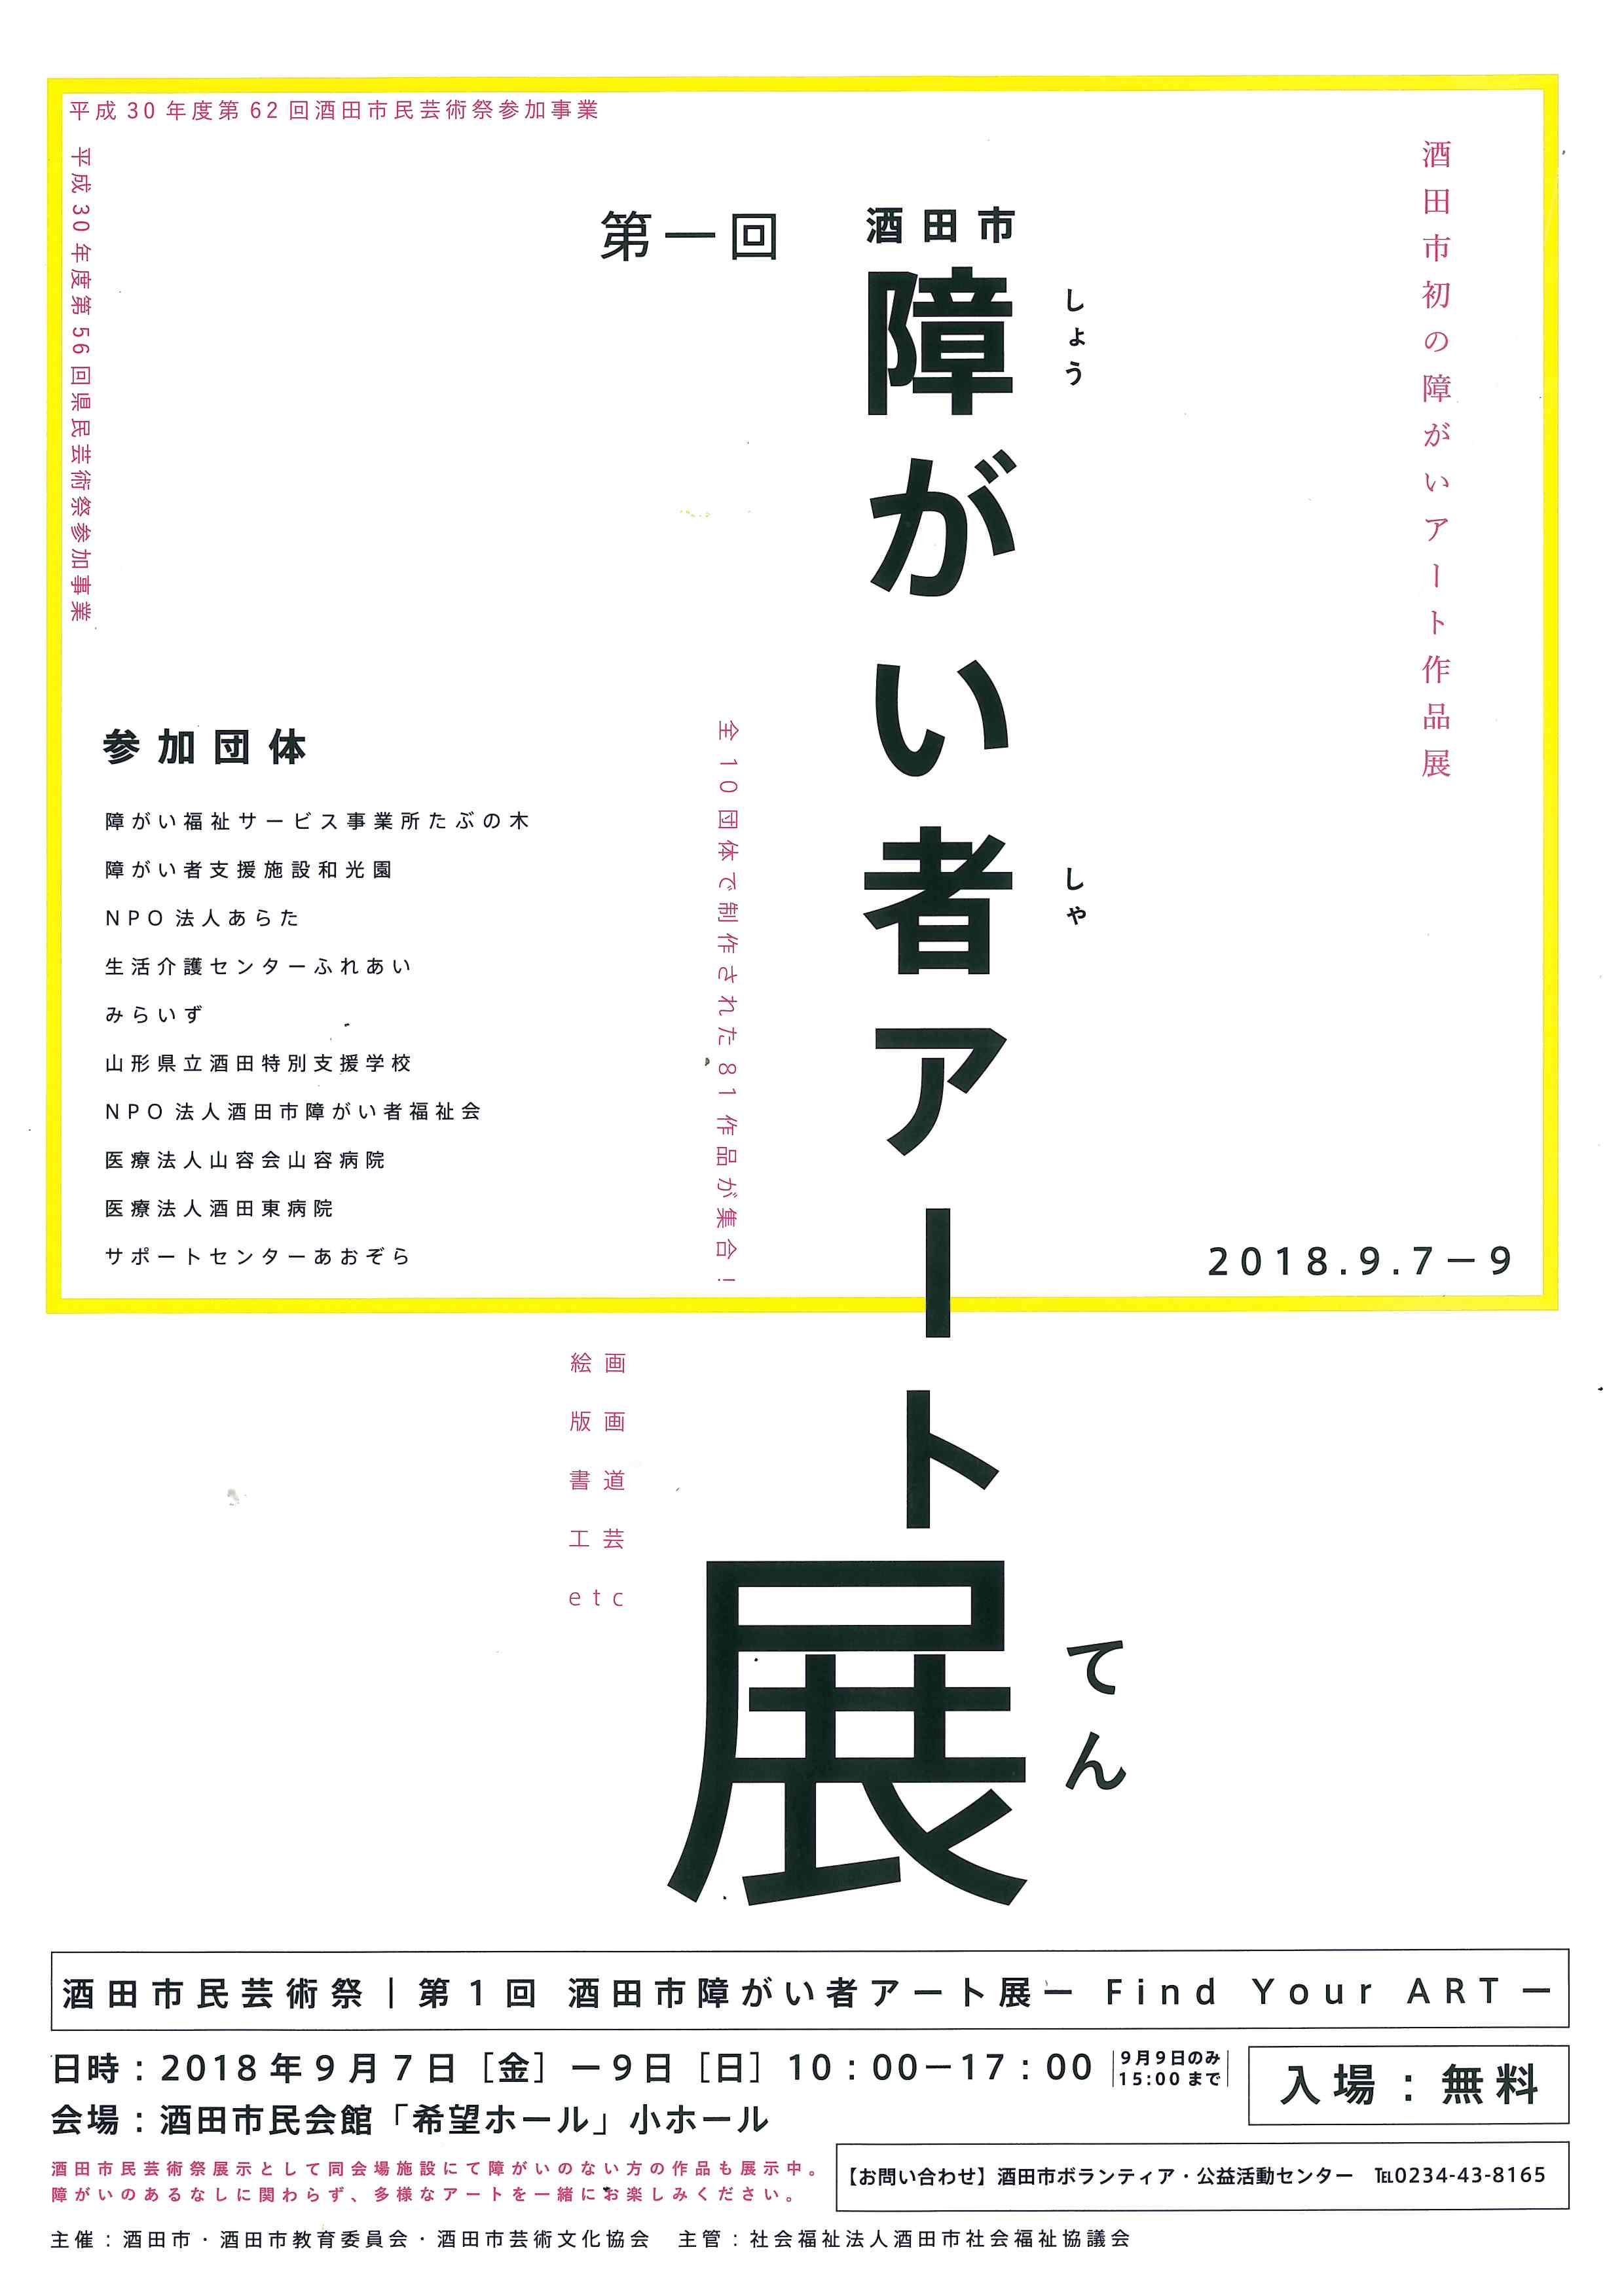 酒田市障がい者アート作品展 チラシ